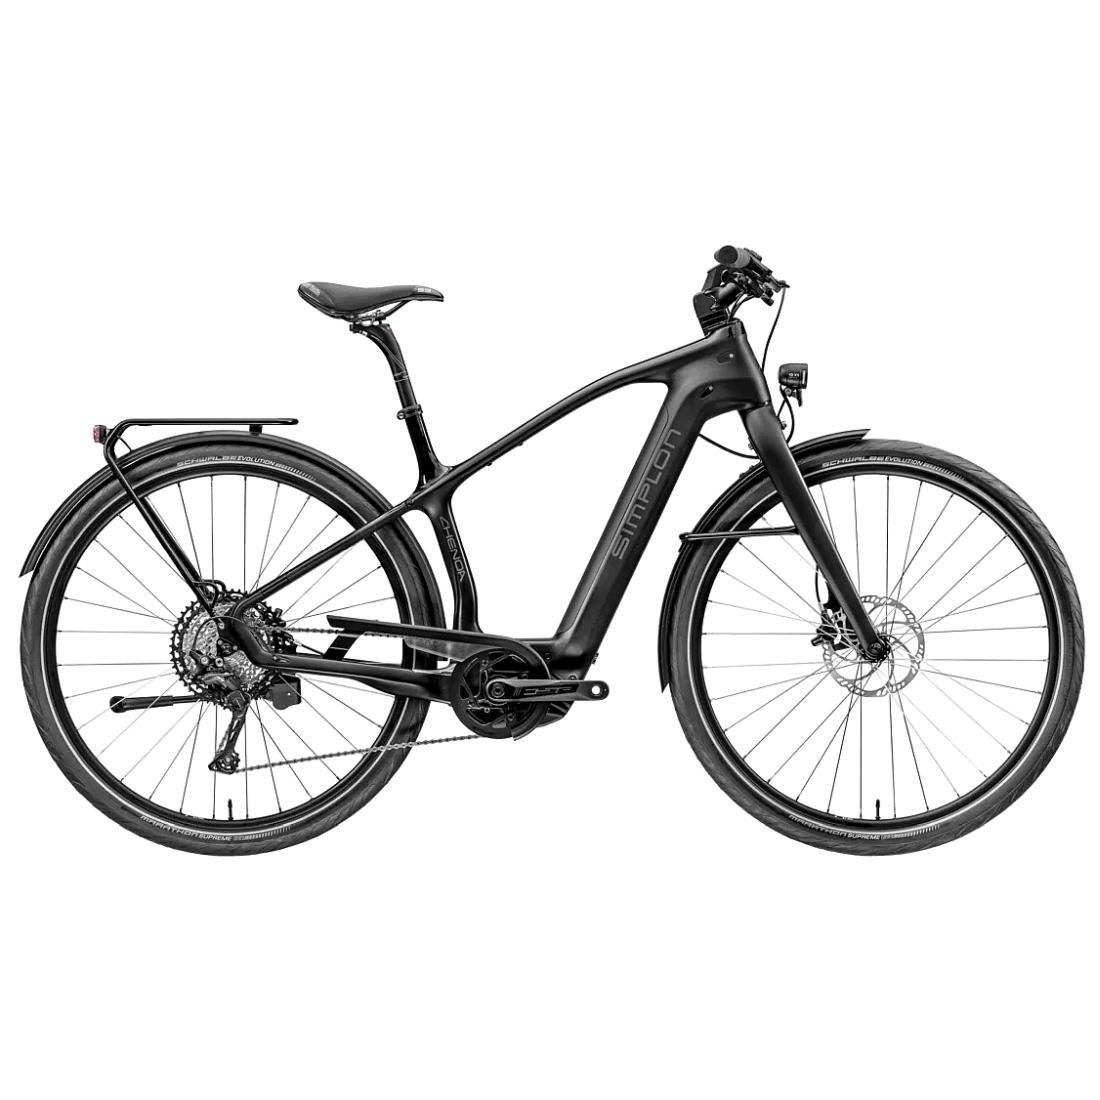 Produktbild von Simplon CHENOA CX XT12 - Herren E-Bike - 2021 - black matt